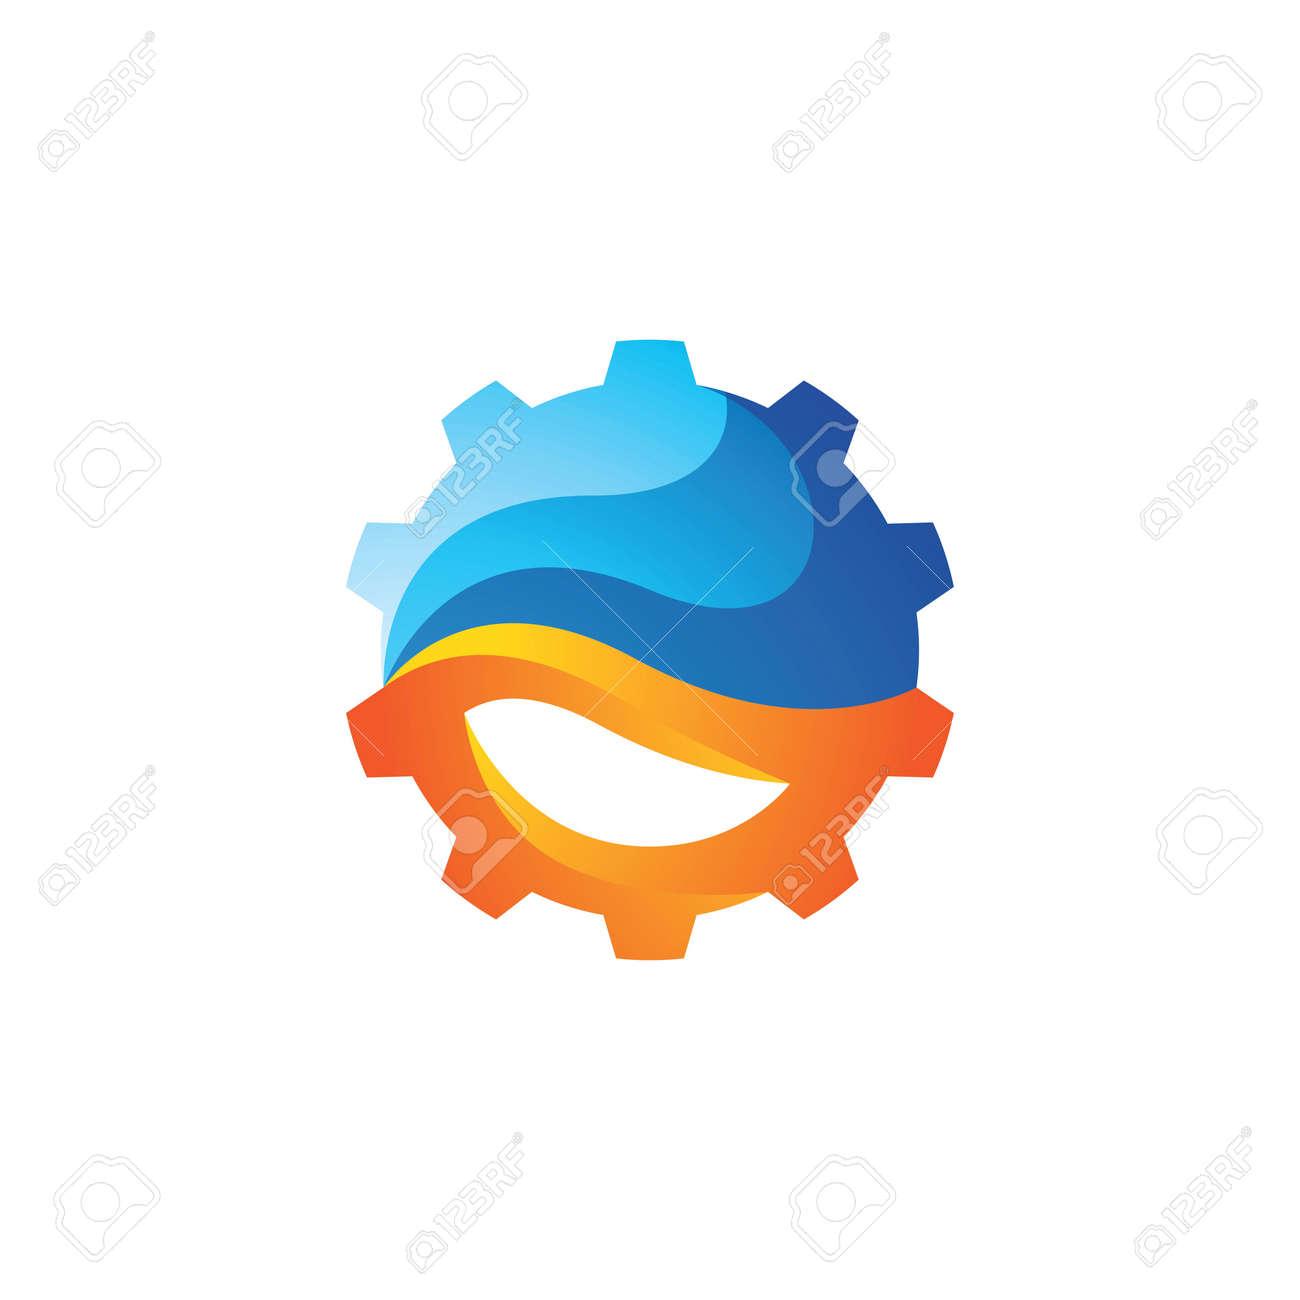 Gear logo images illustration design - 167448554